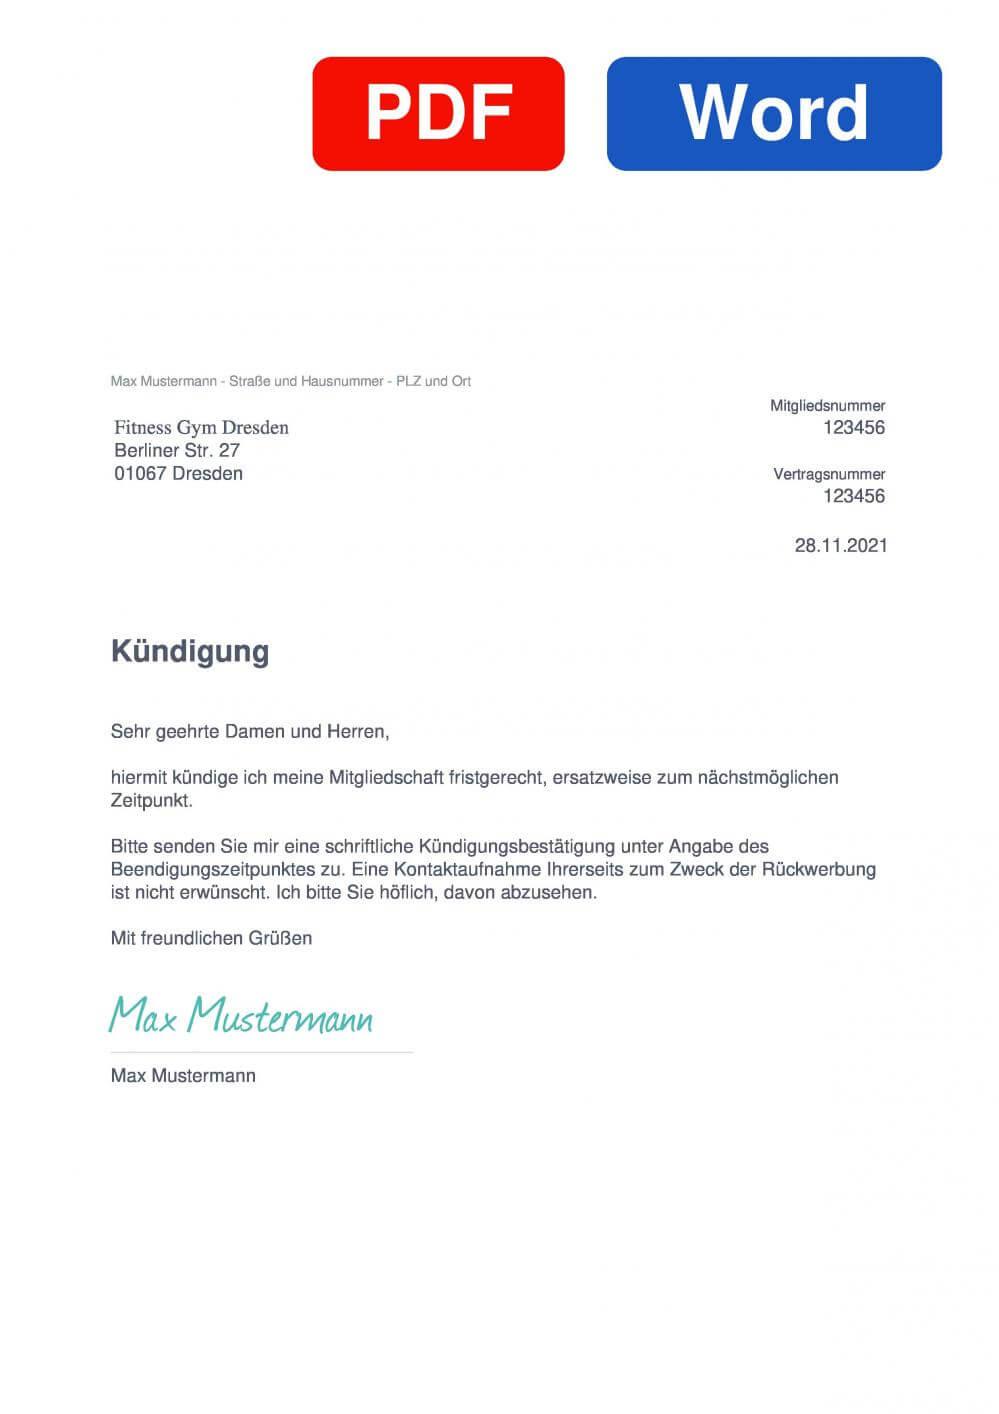 Fitness Gym Dresden Muster Vorlage für Kündigungsschreiben